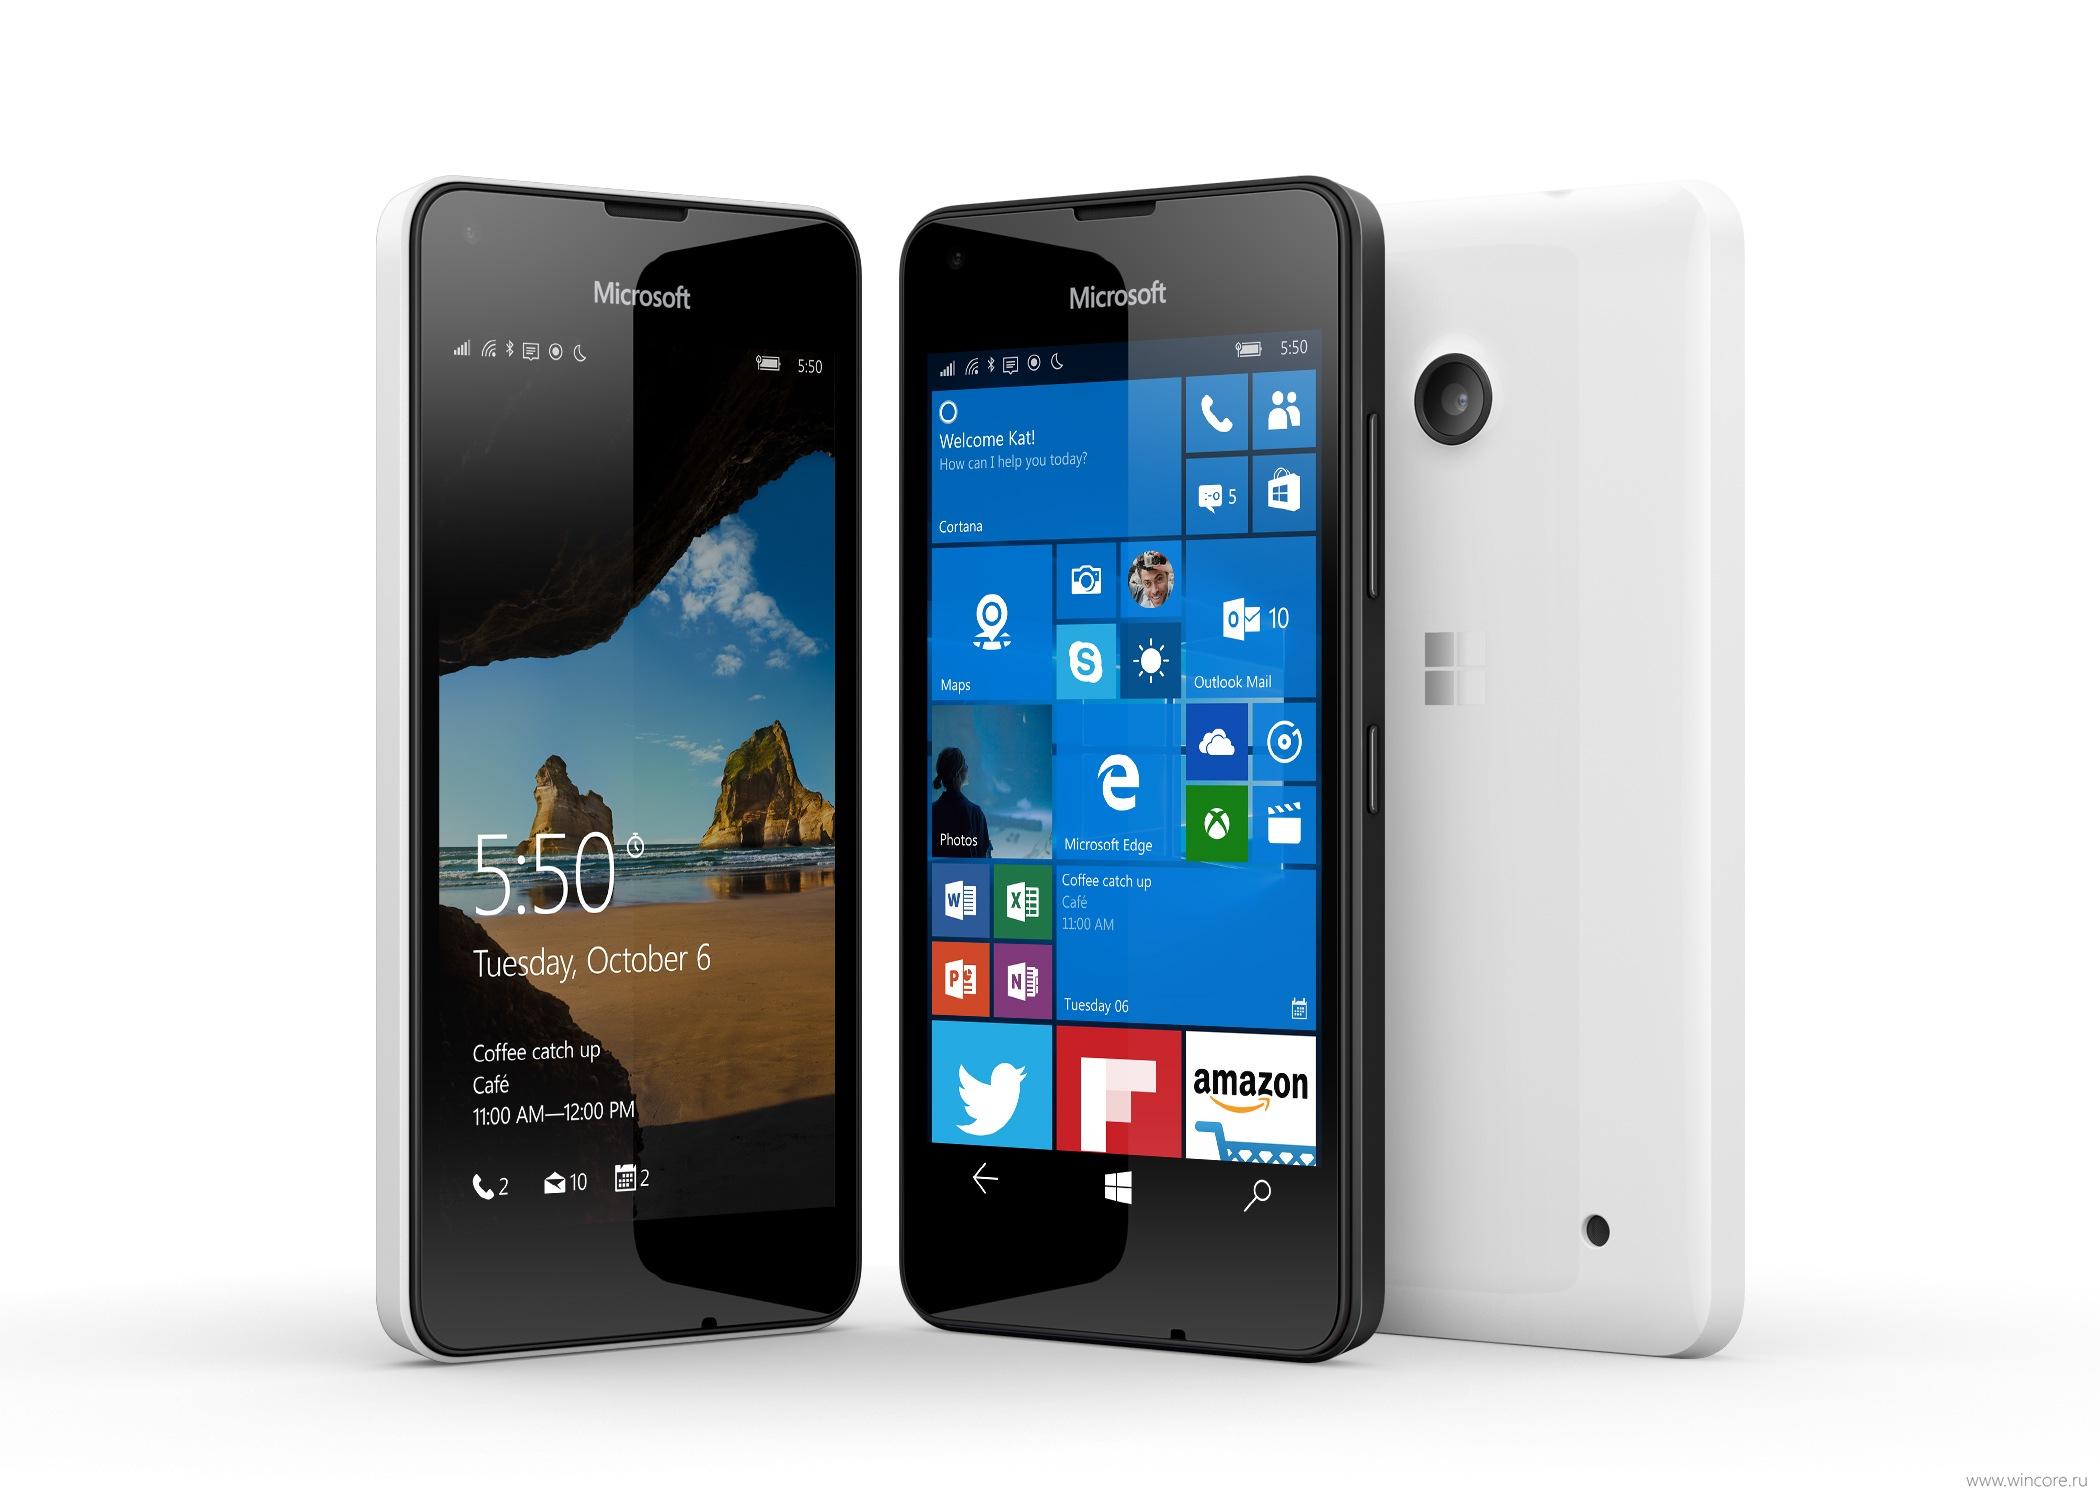 1444152920_lumia550_marketing_01_ssim2.j